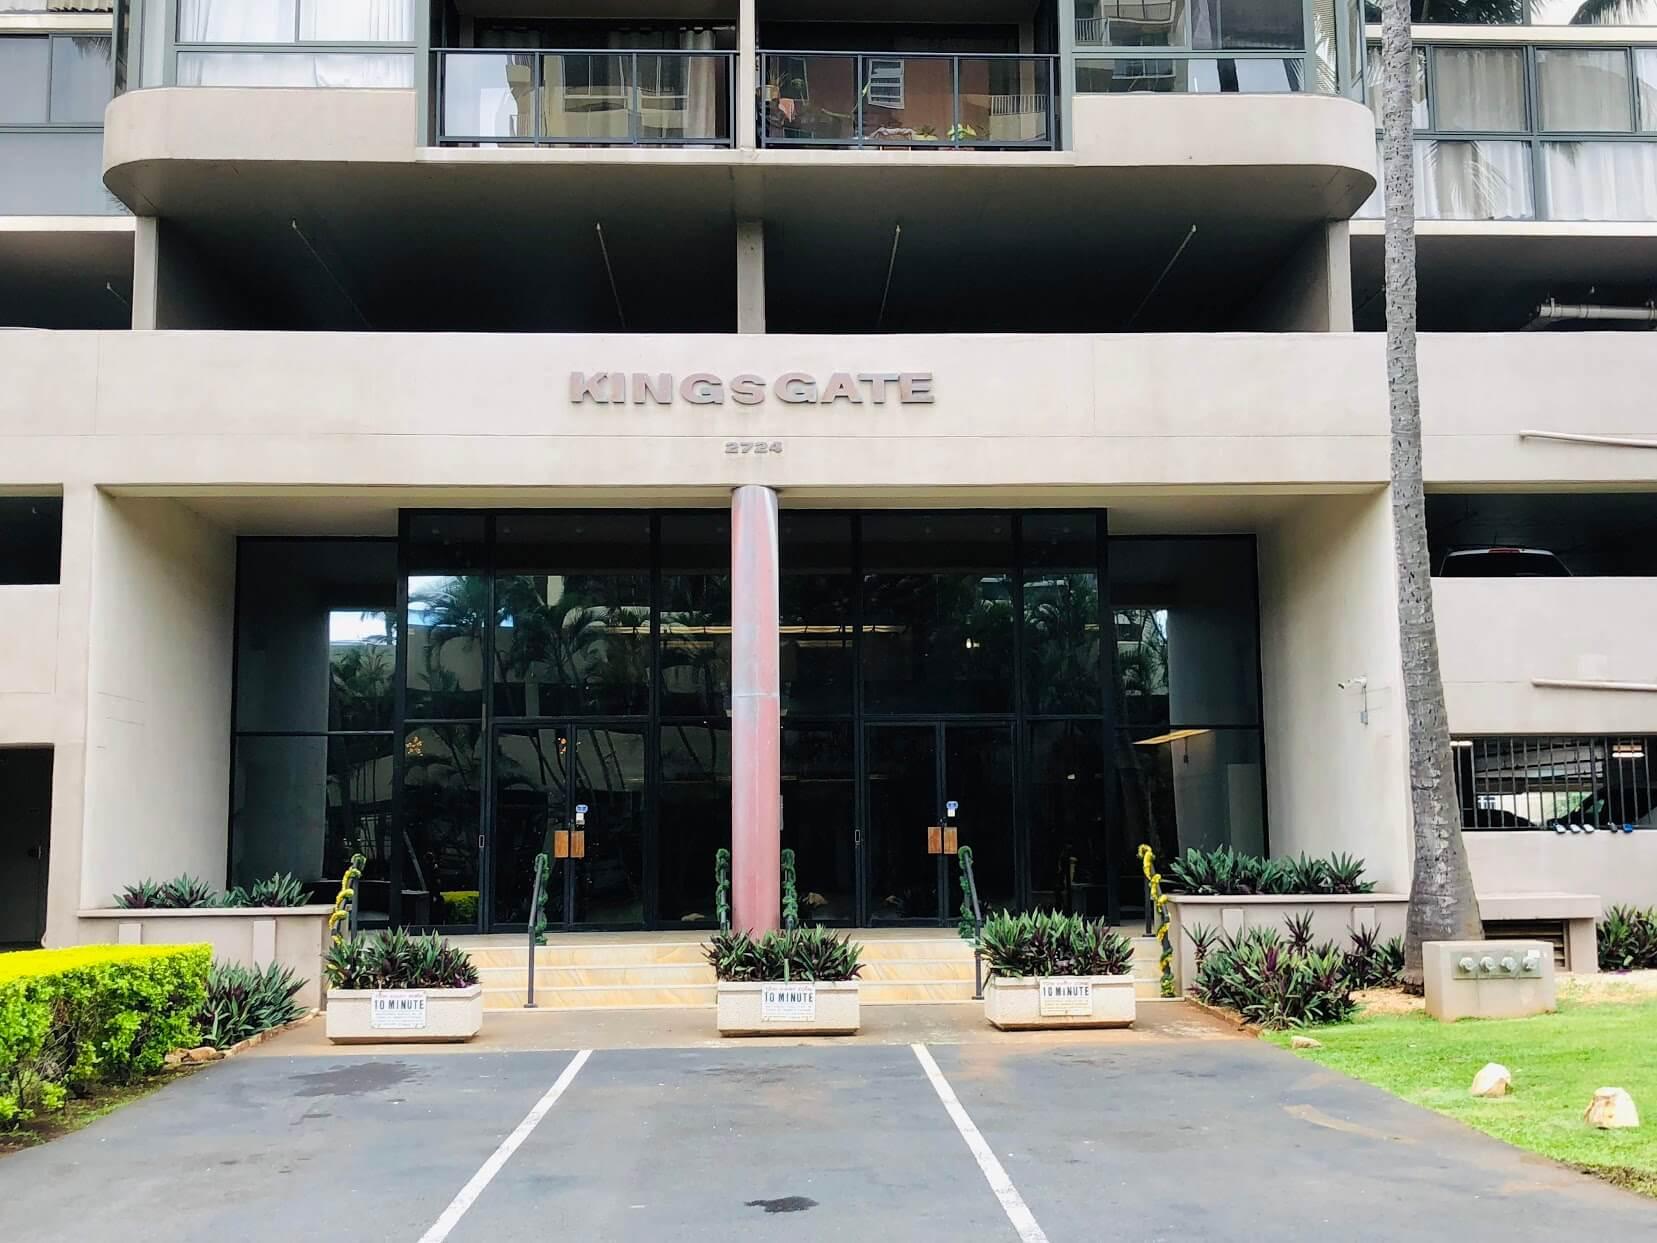 Kings Gateのエントランス